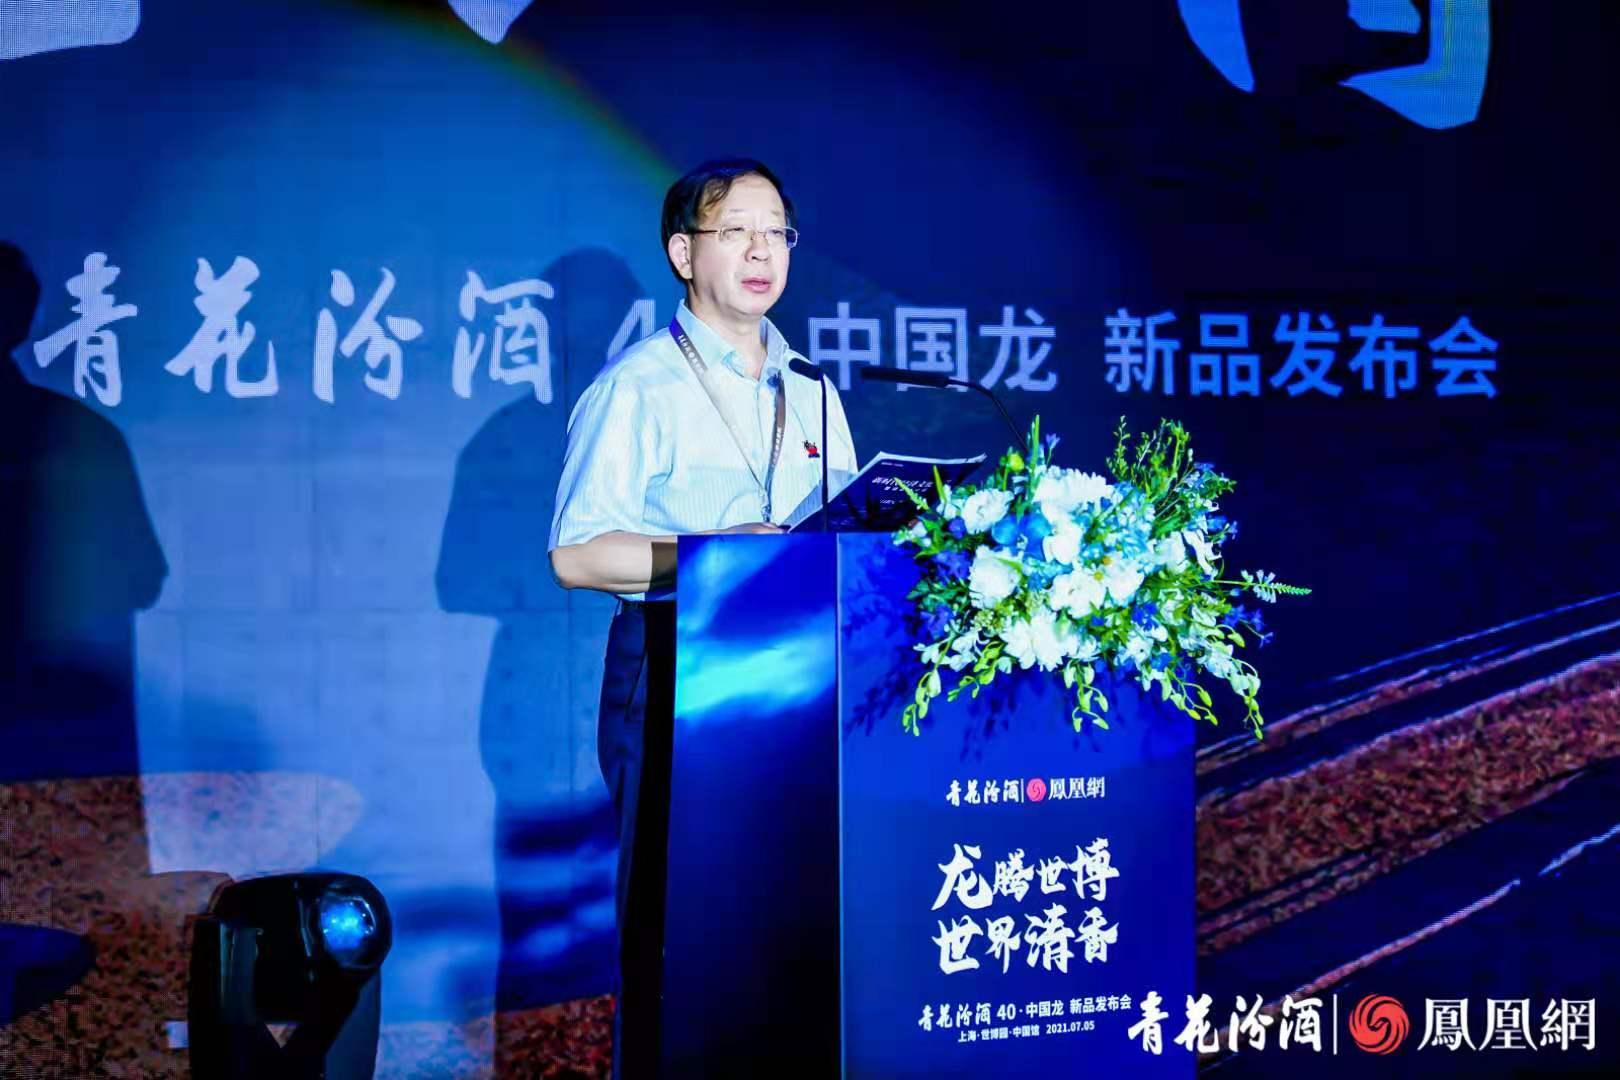 孙宝国:青花汾酒40·中国龙,为品质生活代言,更为文化强国打call